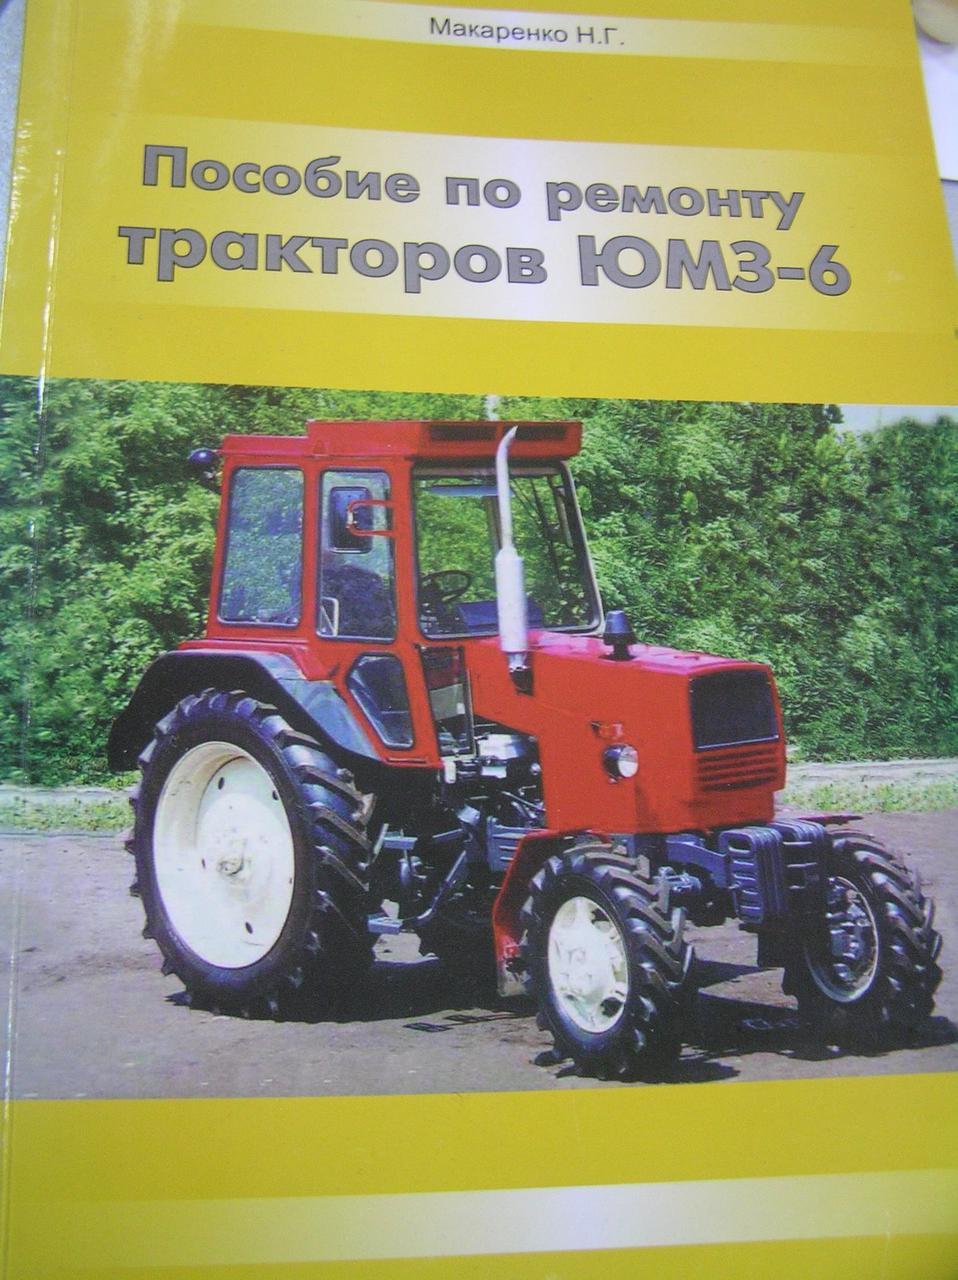 Справочник: Пособие по ремонту ЮМЗ-6